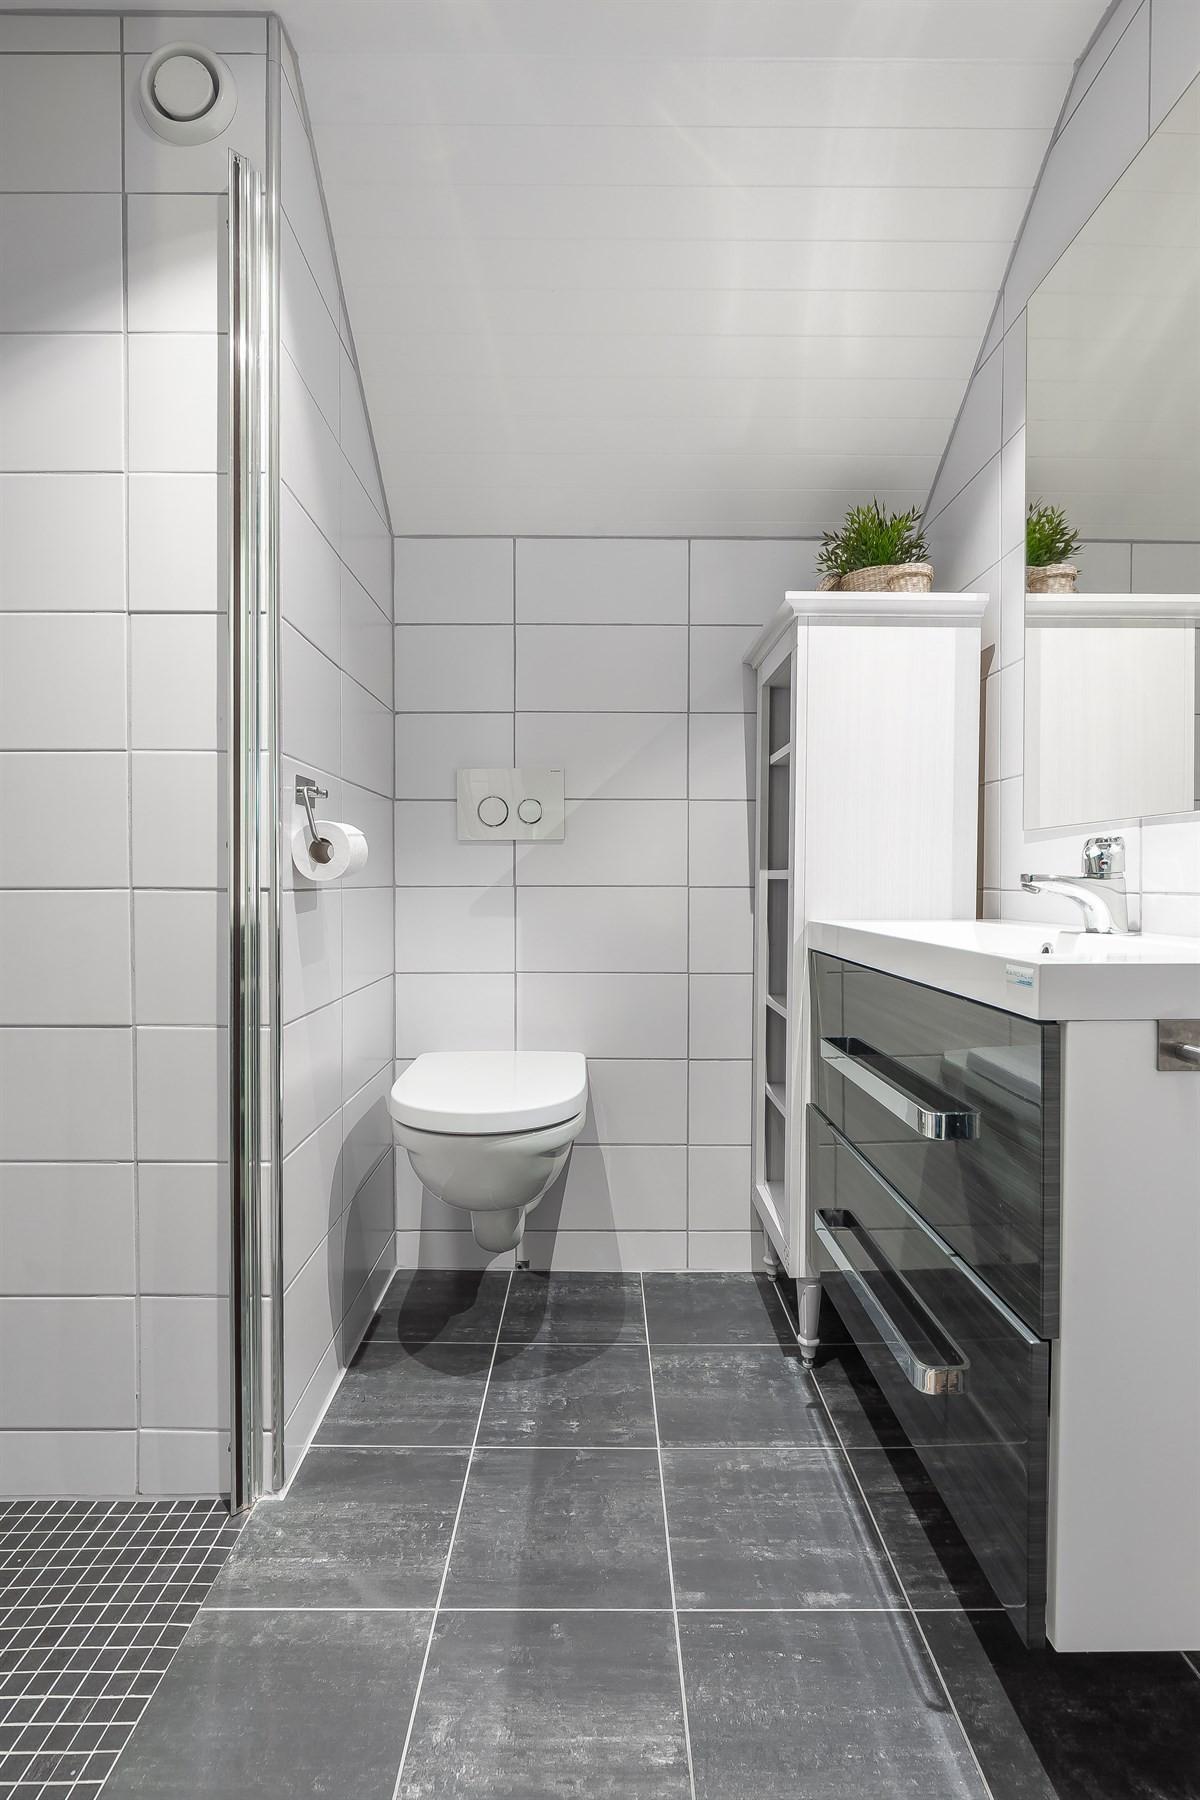 Bad 2. etg. med dusjnisje og vegghengt toalett